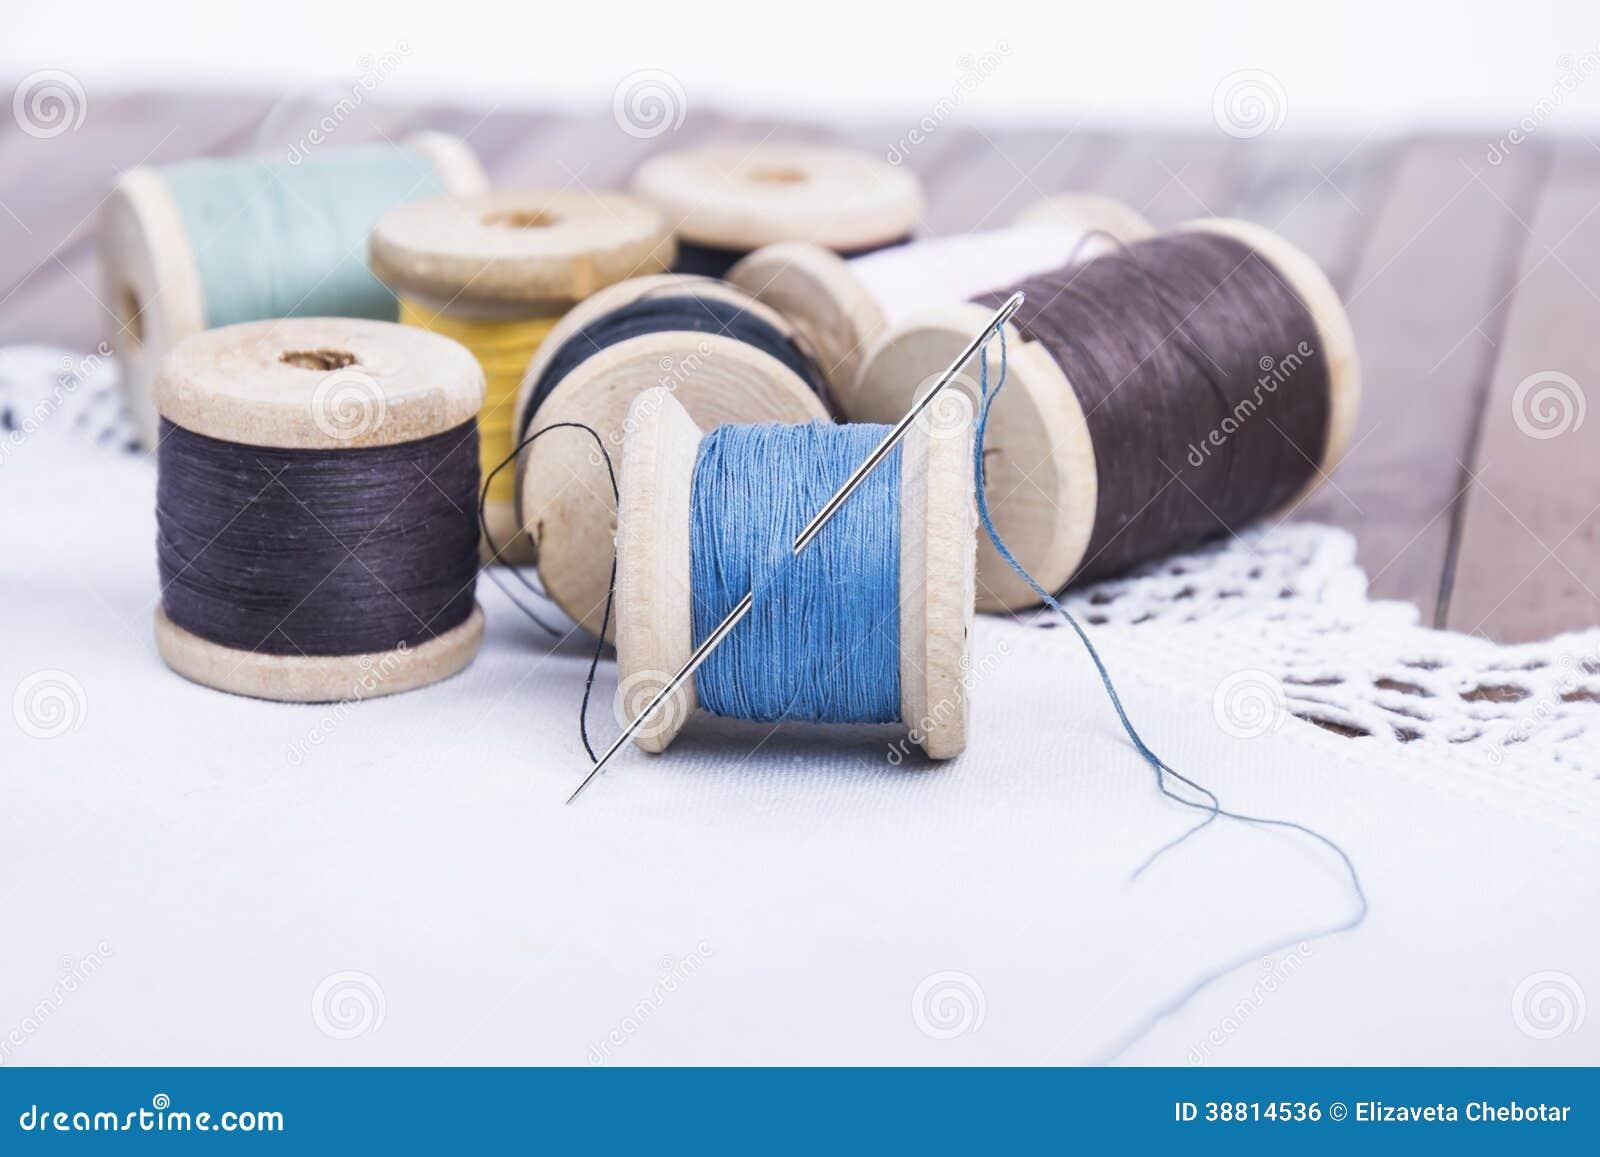 螺纹短管轴与一根针的在餐巾